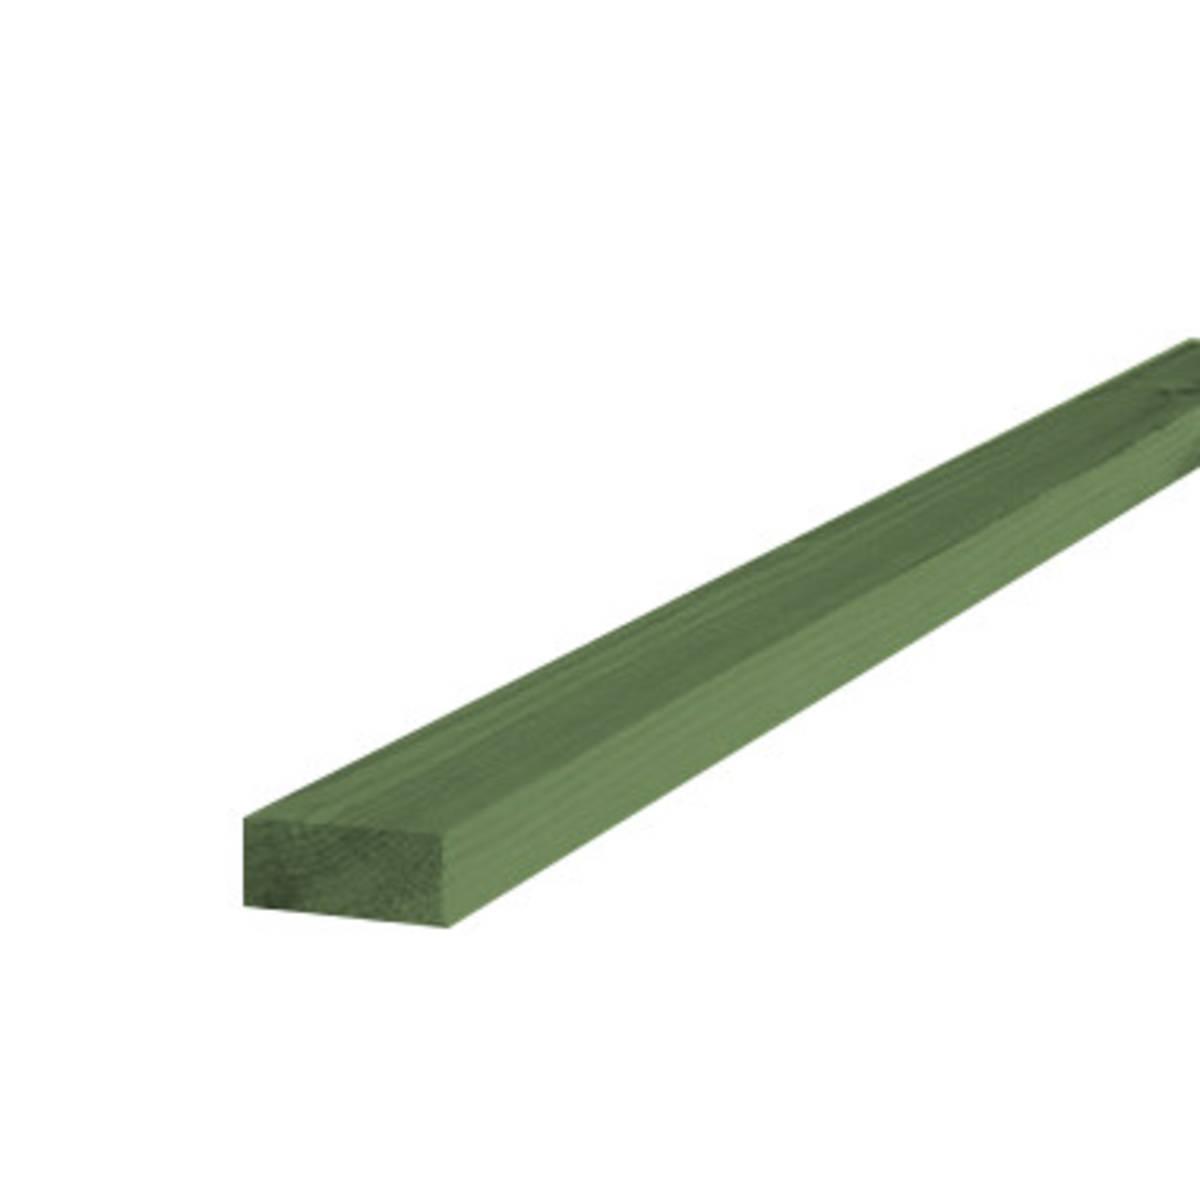 Liteaux en sapin du nord autoclave classe 3 25x32mm par 15 mba bois et construction durable - Autoclave classe 3 ...